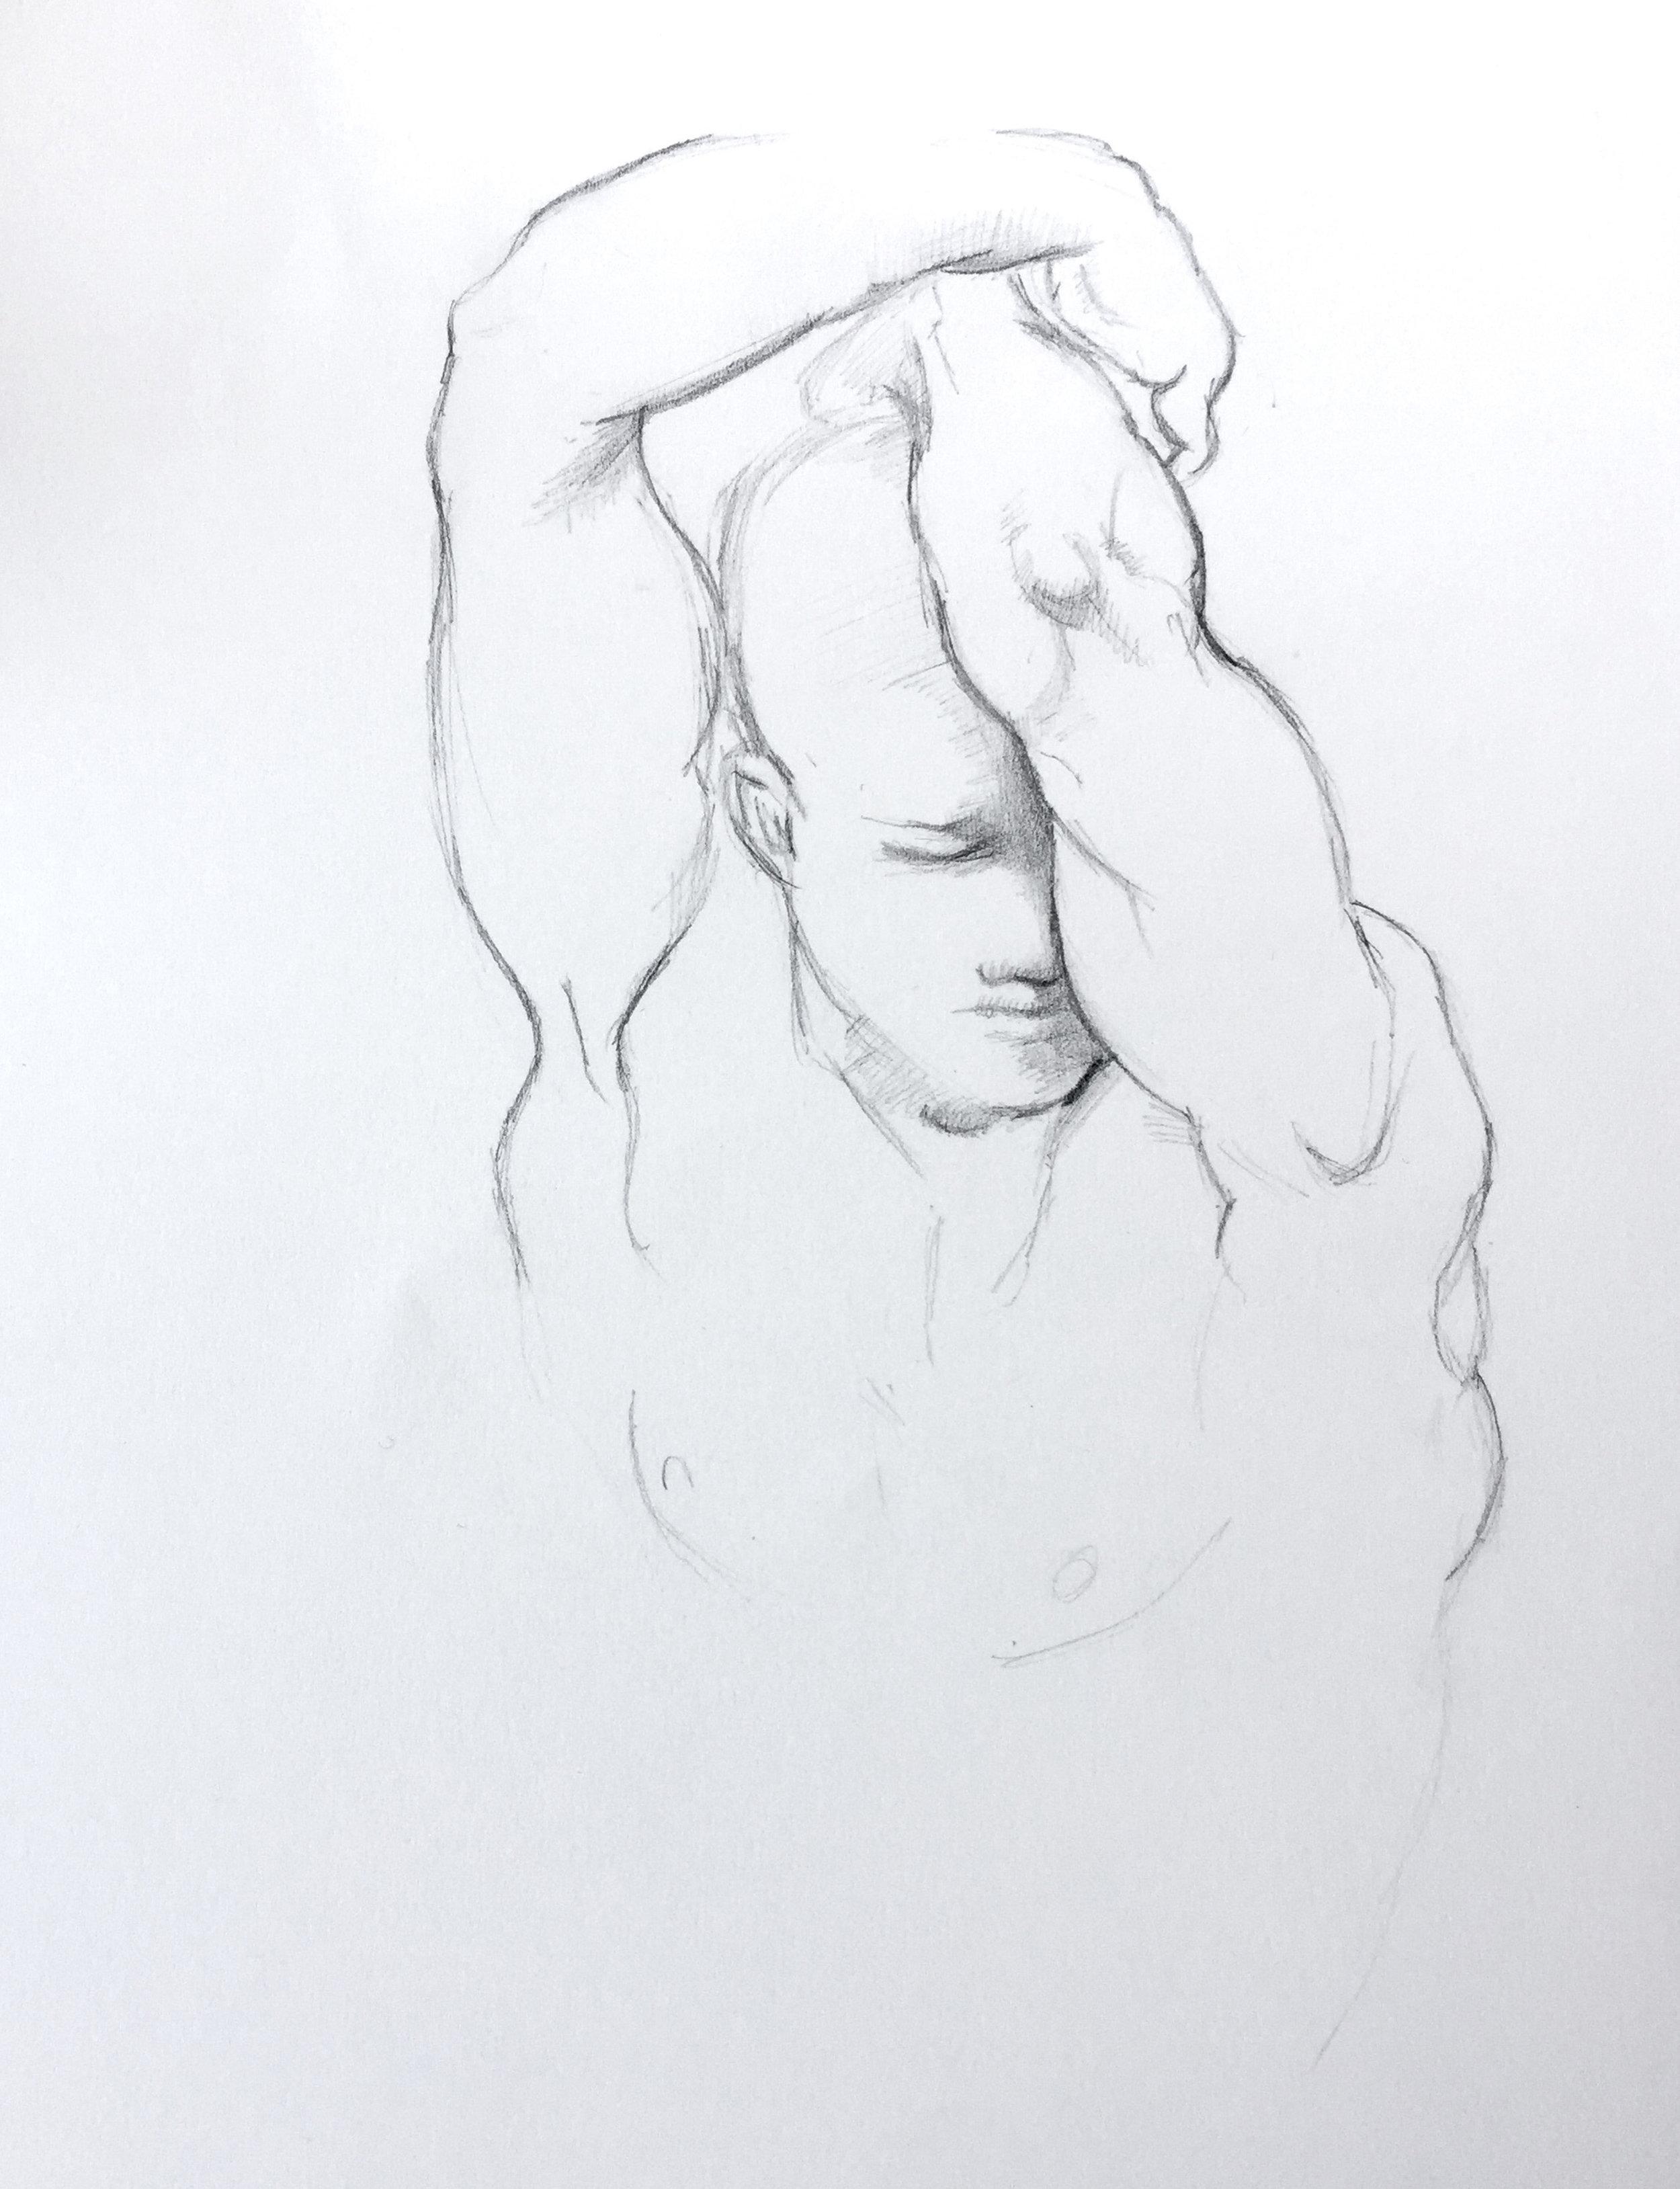 Marianne Walker, observation drawing after Raphael, 2019